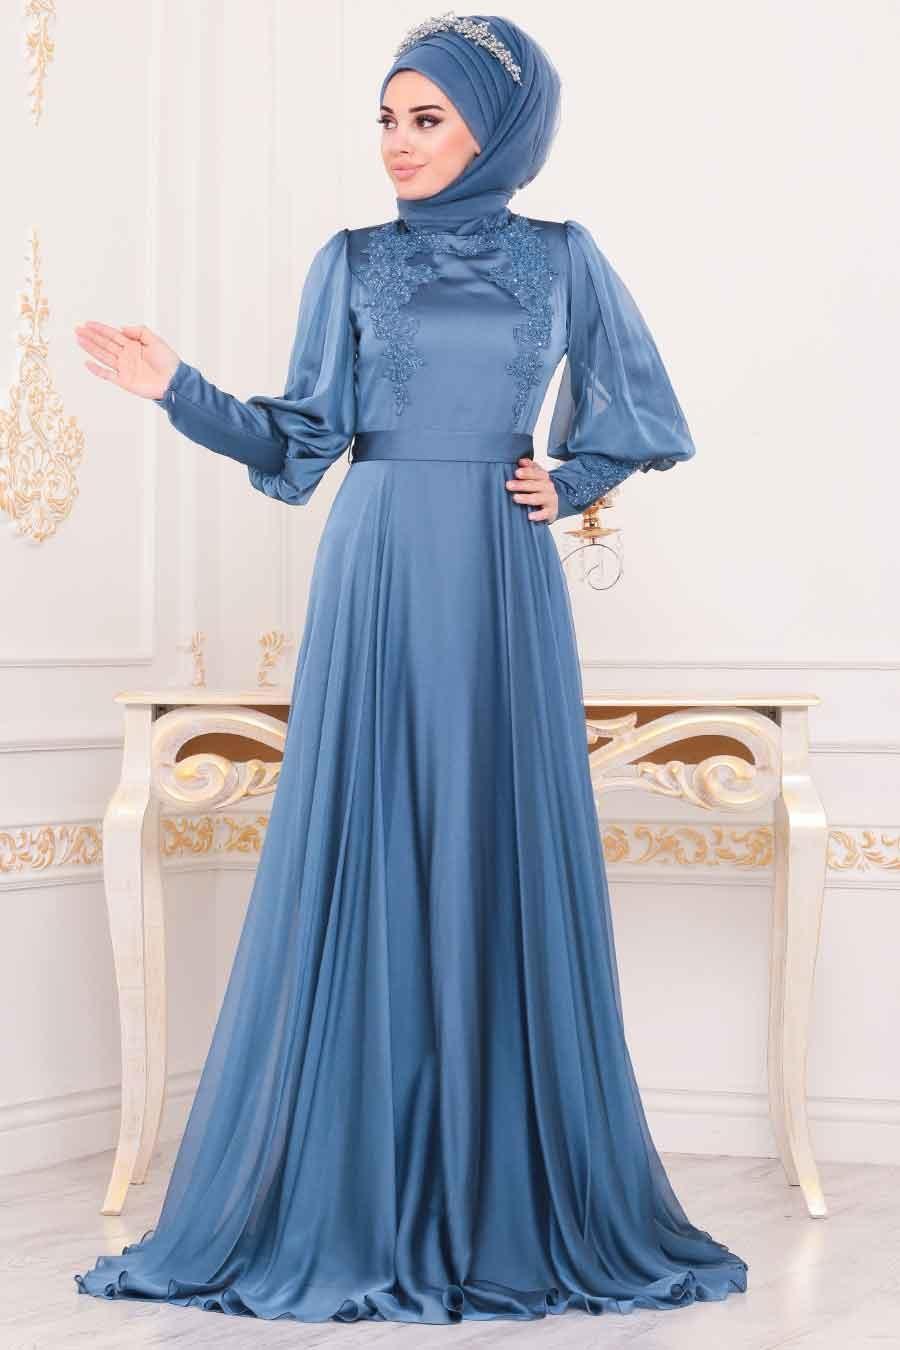 Tesettürlü Abiye Elbise - Balon Kol Mavi Tesettür Abiye Elbise 3927M